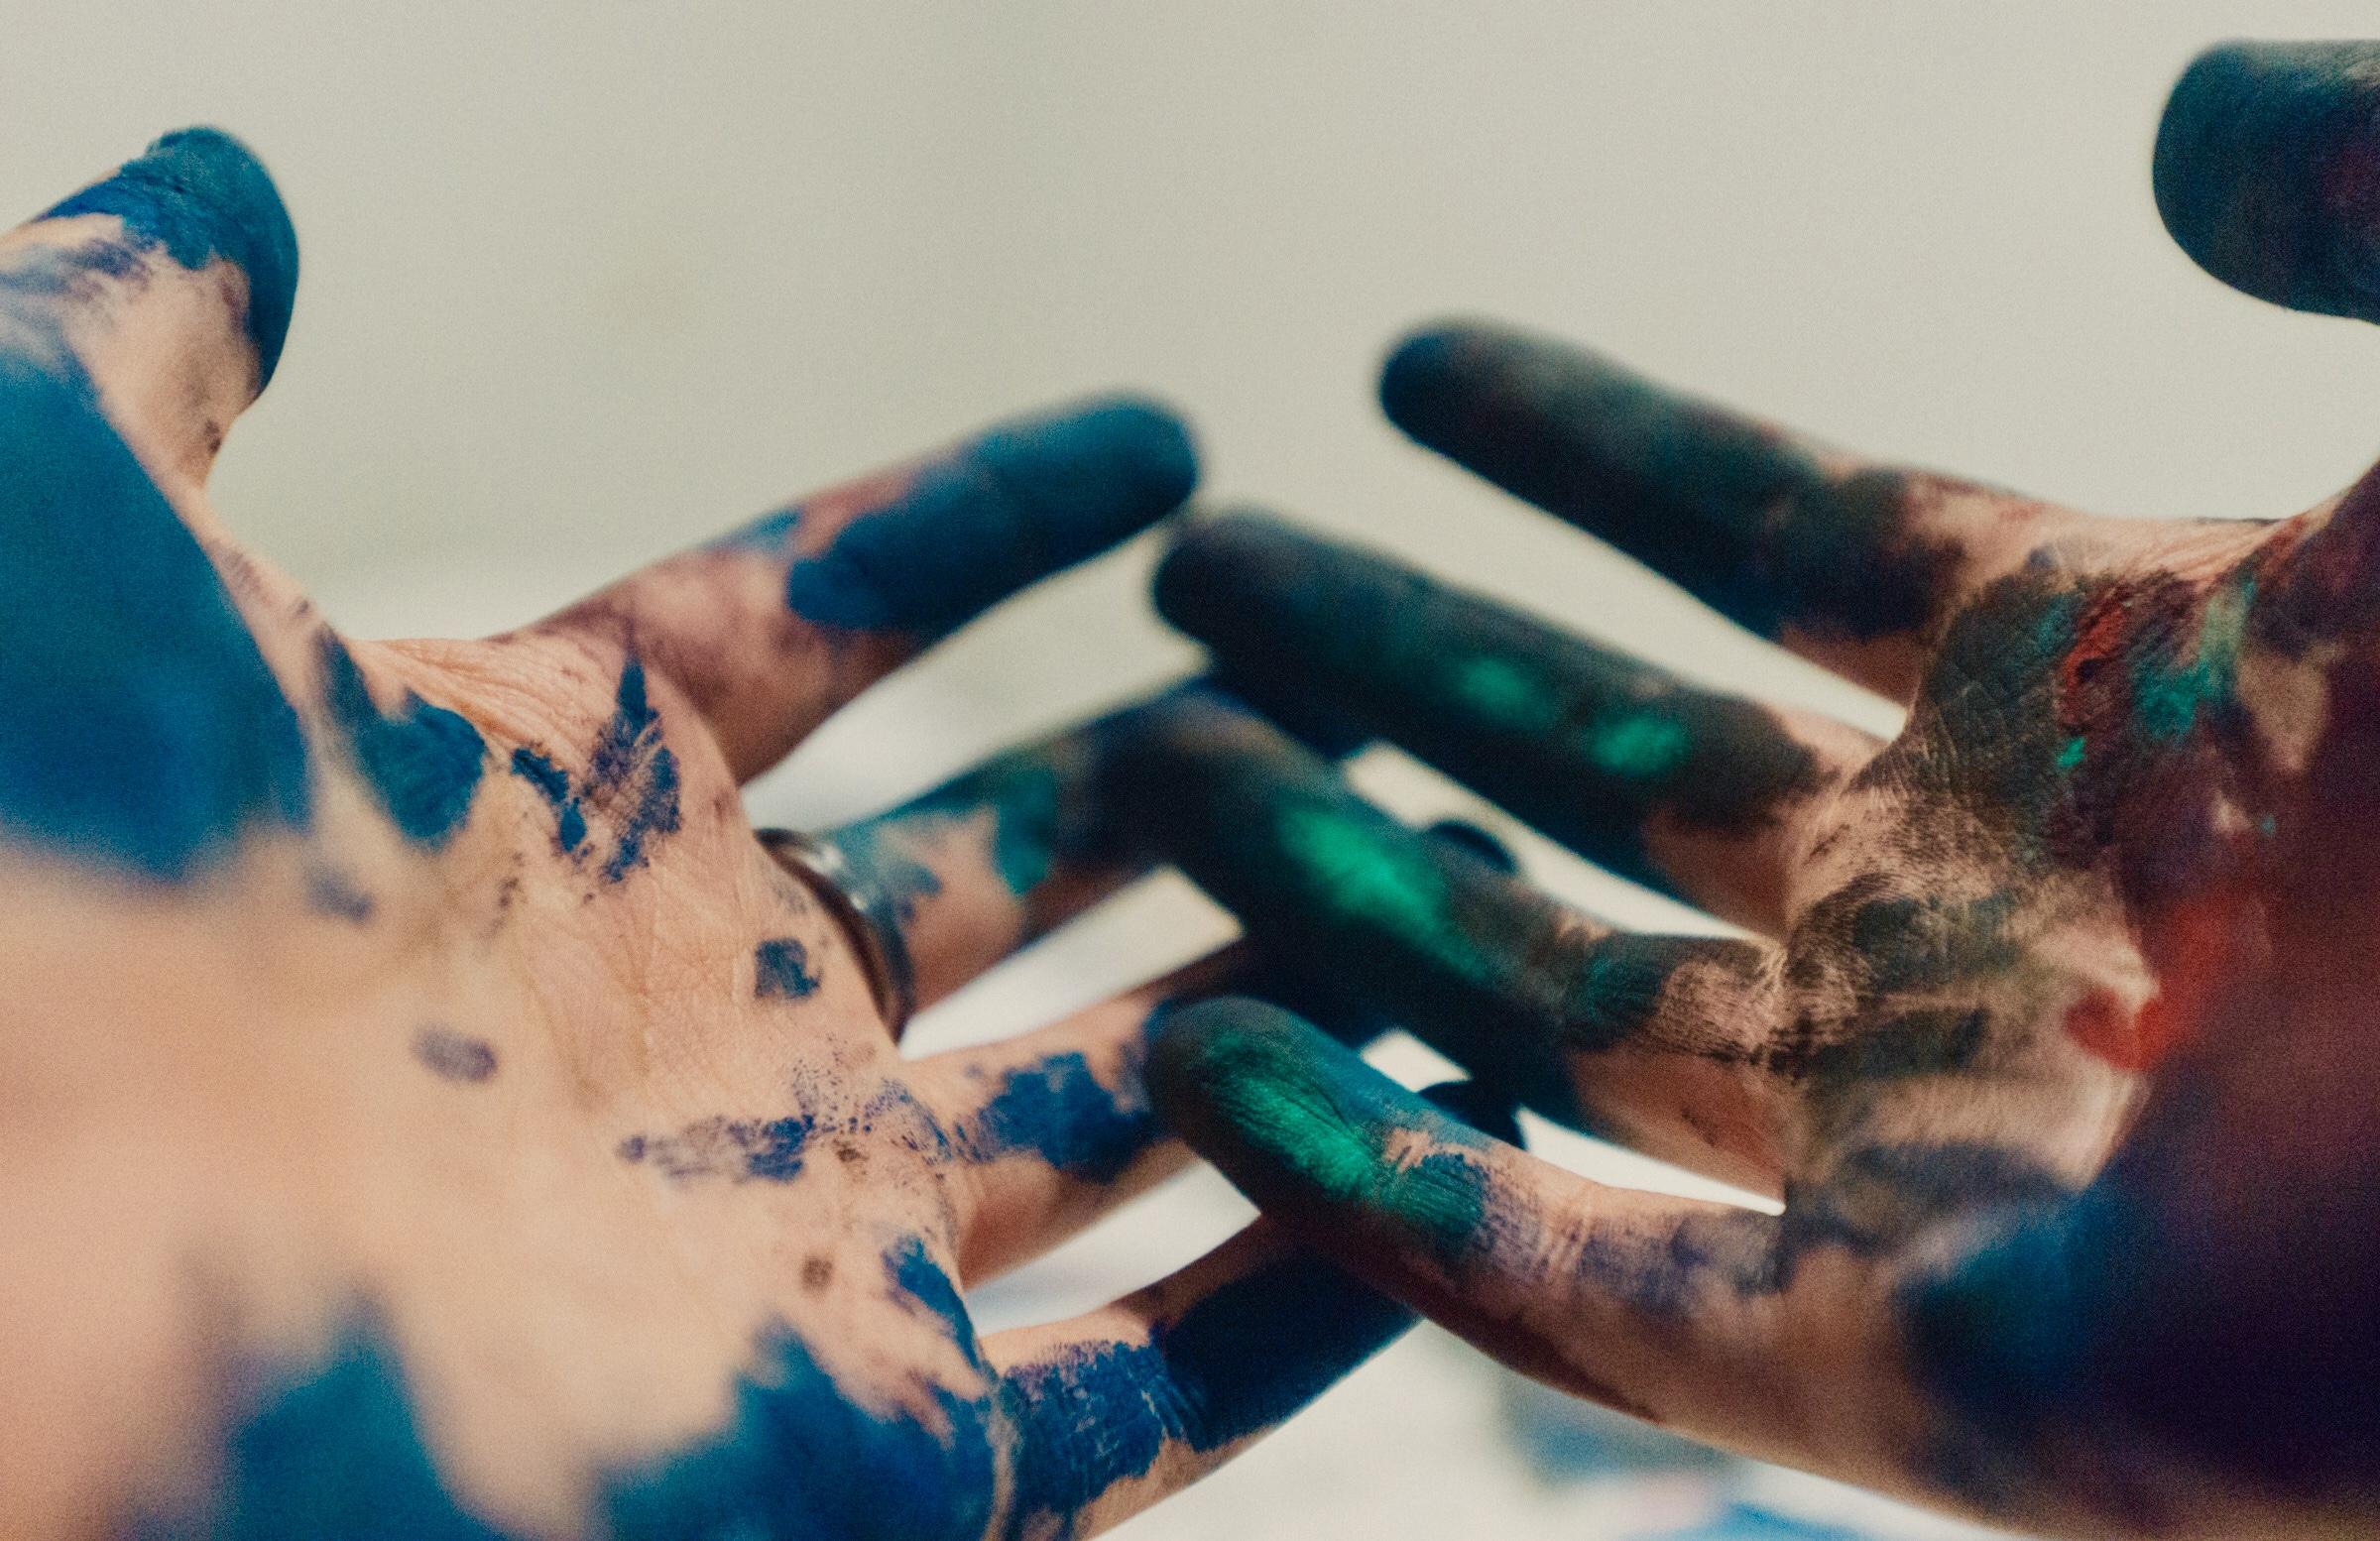 Art-hands